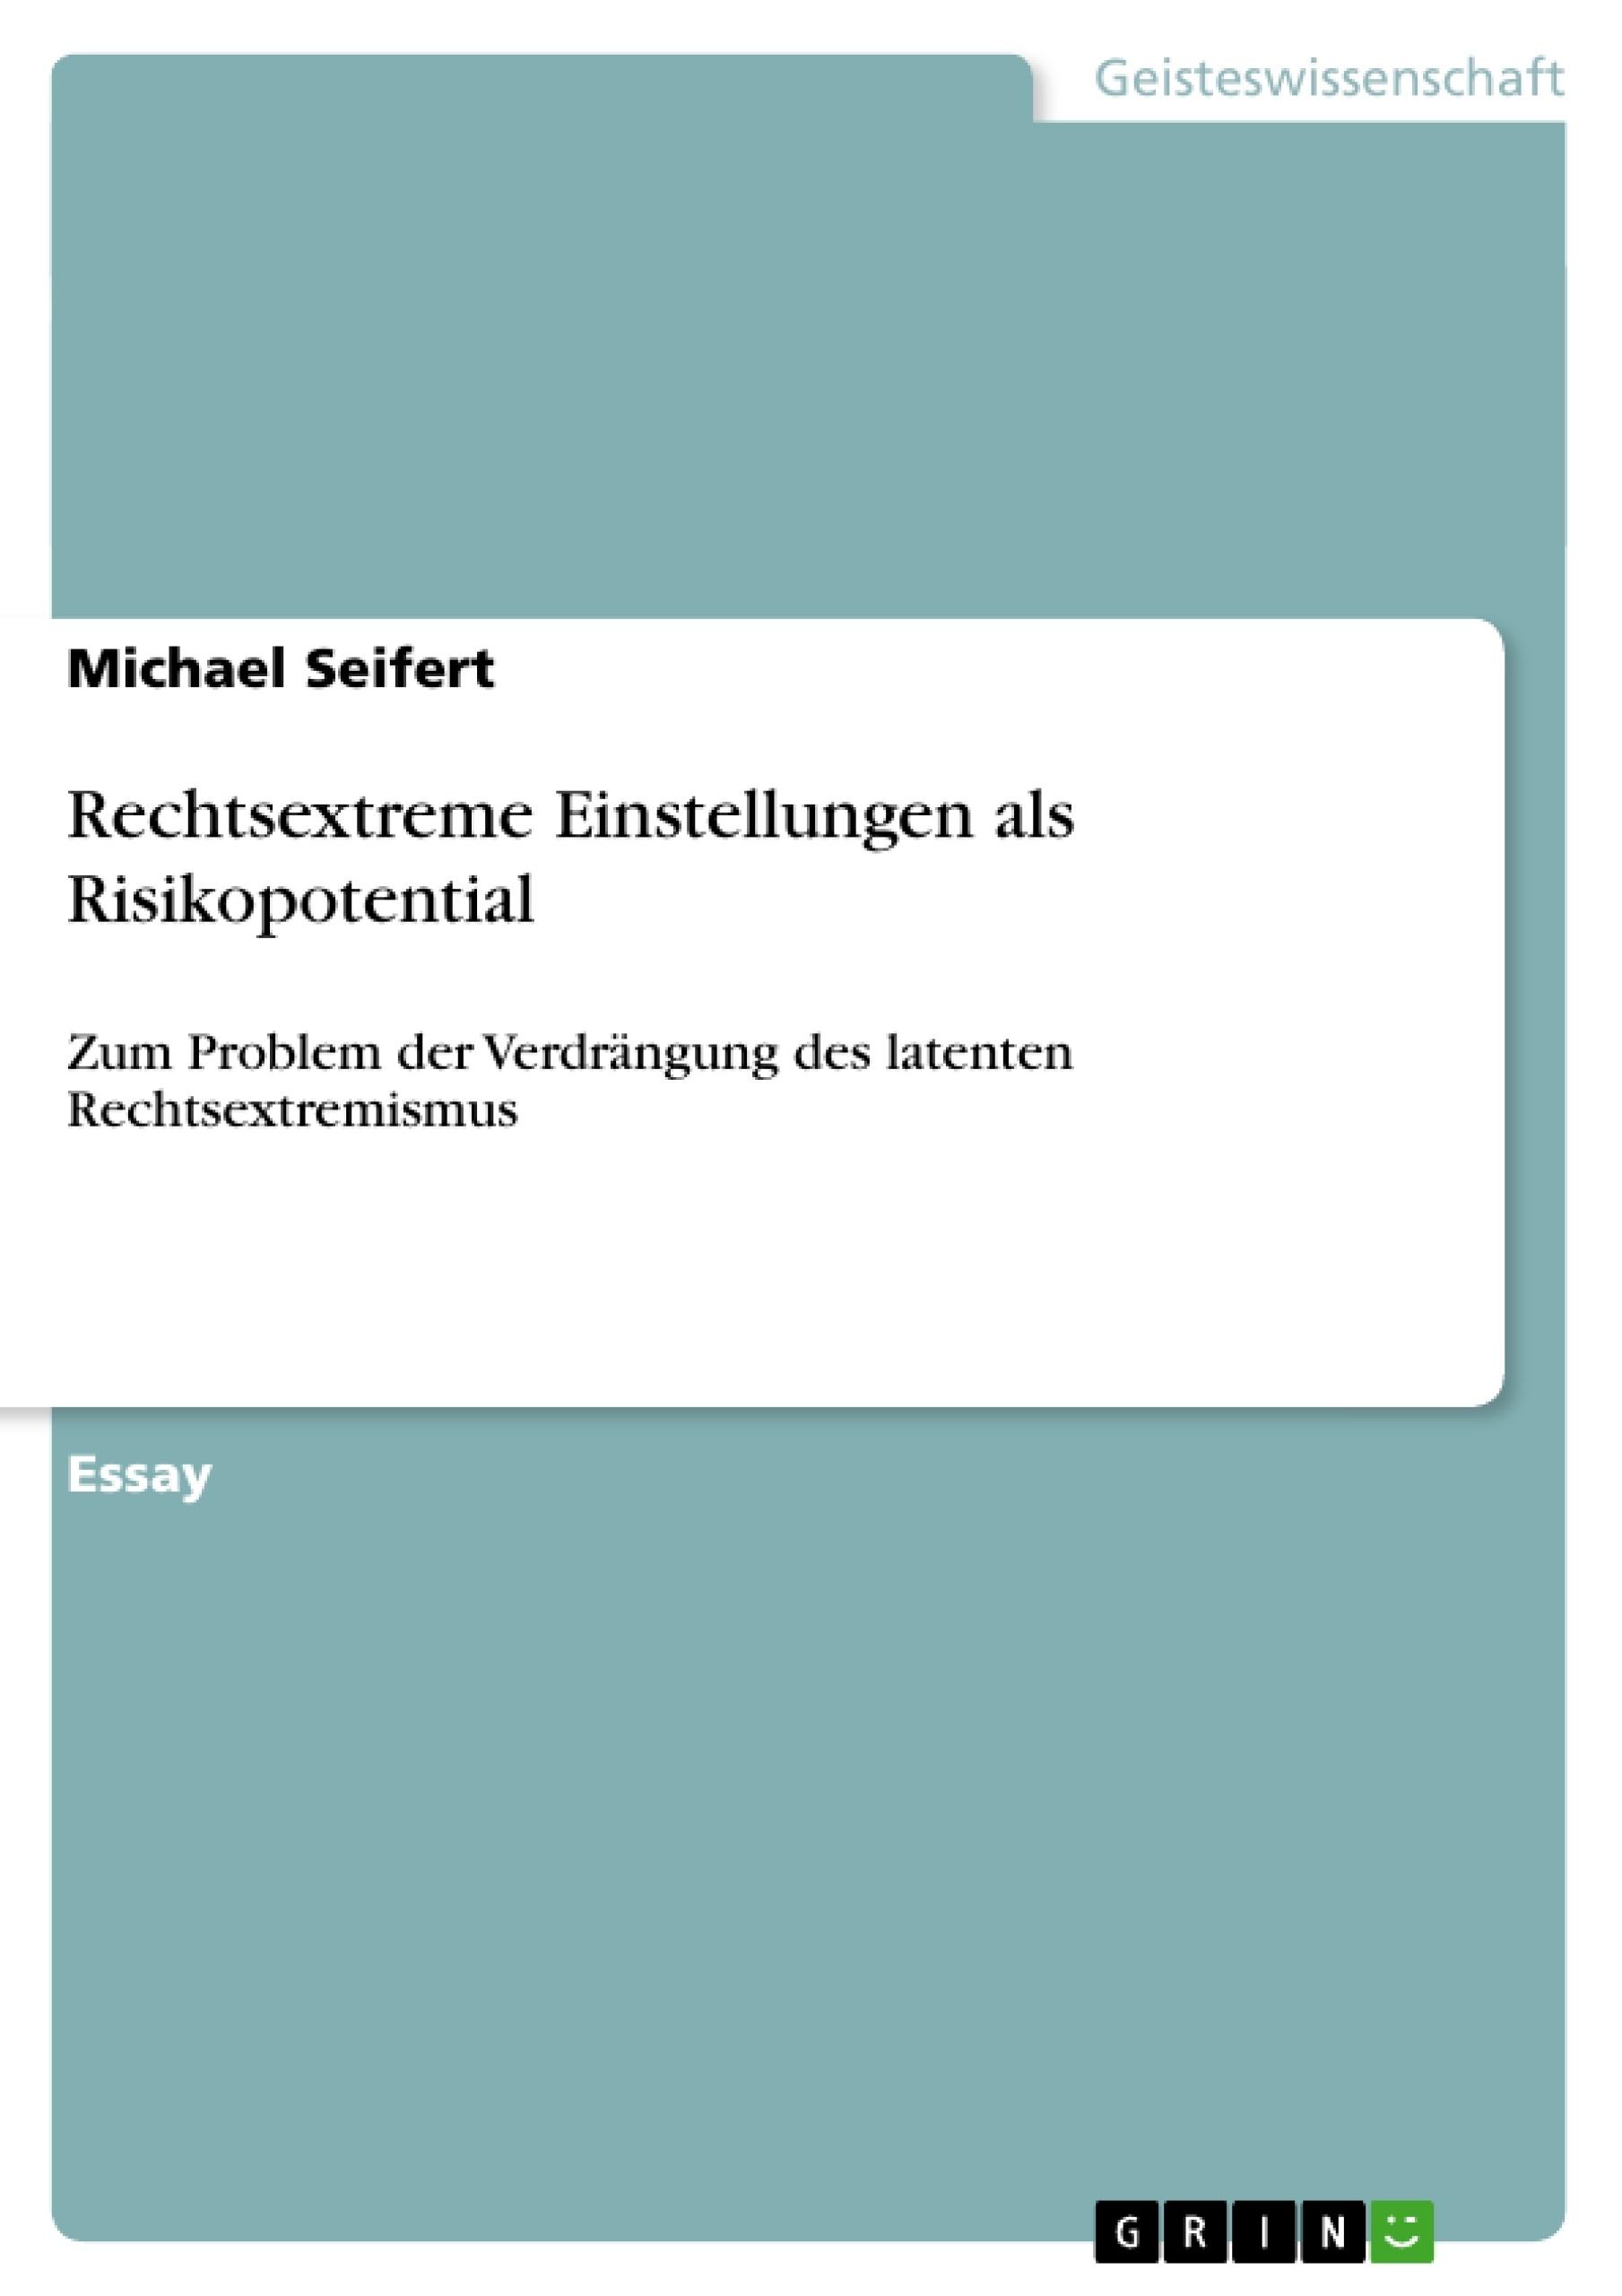 Titel: Rechtsextreme Einstellungen als Risikopotential